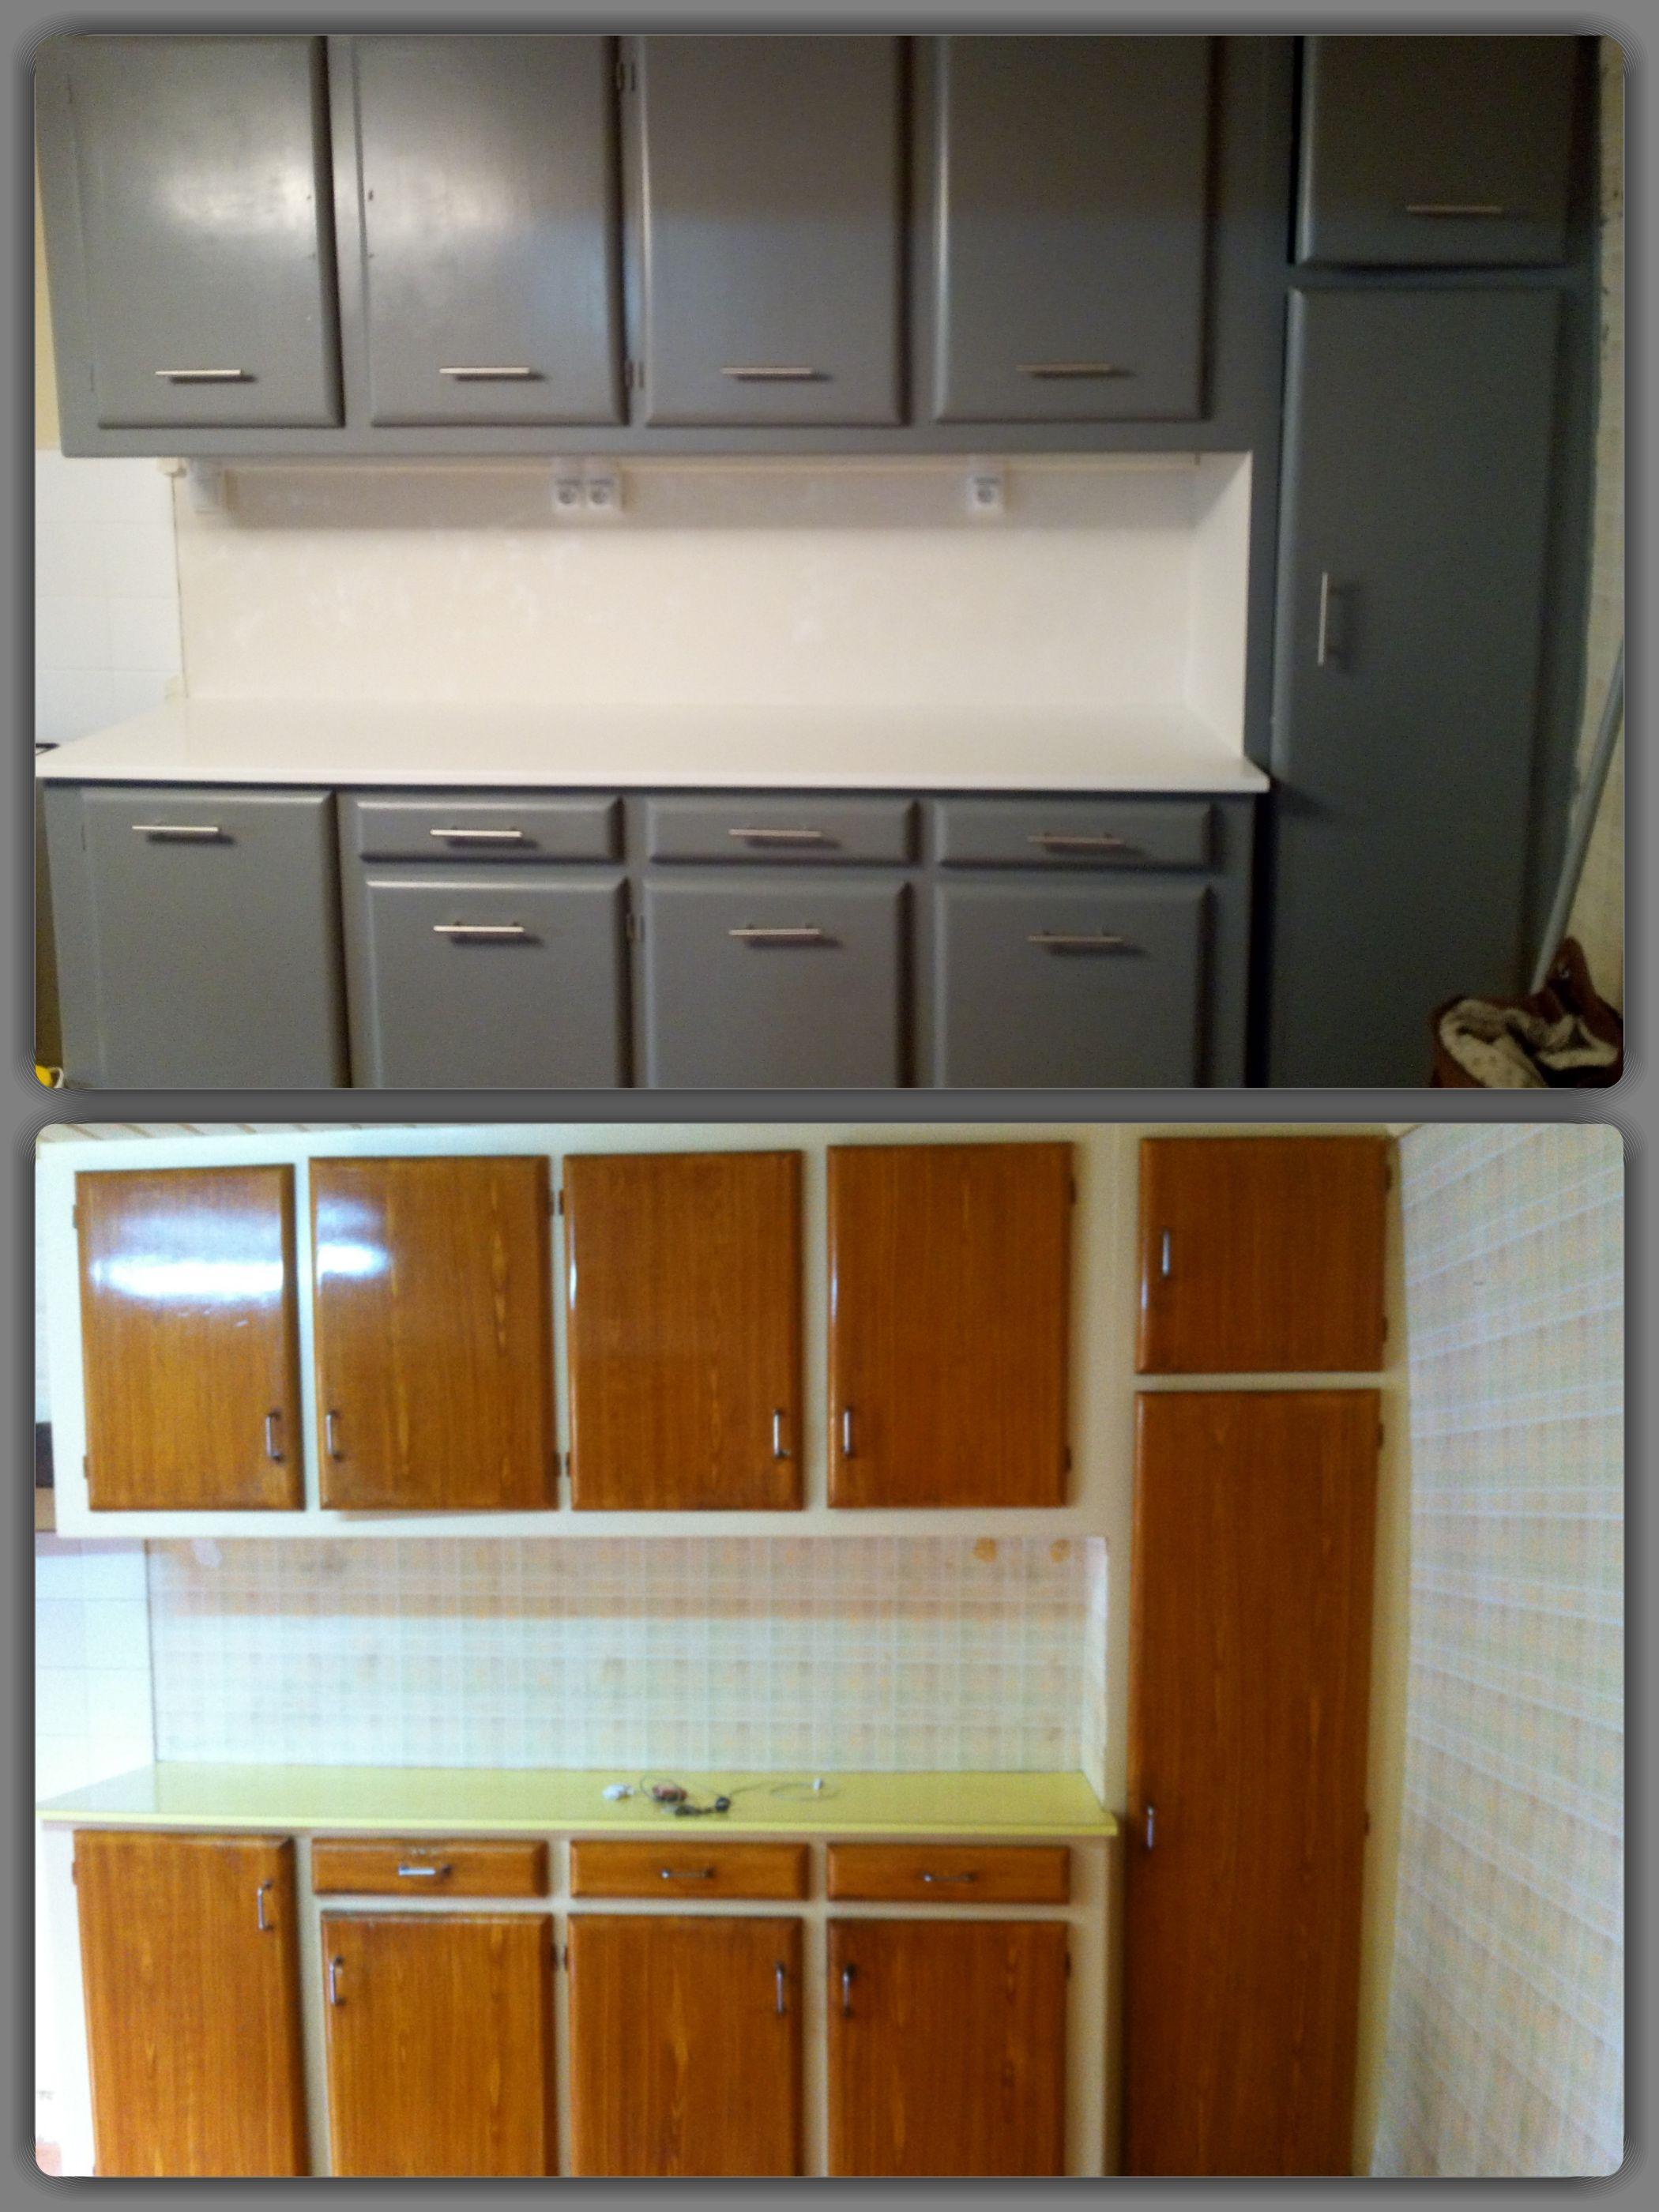 Peinture Résine Pour Meuble En Bois maison ancienne, meuble de cuisine fait maison repeint